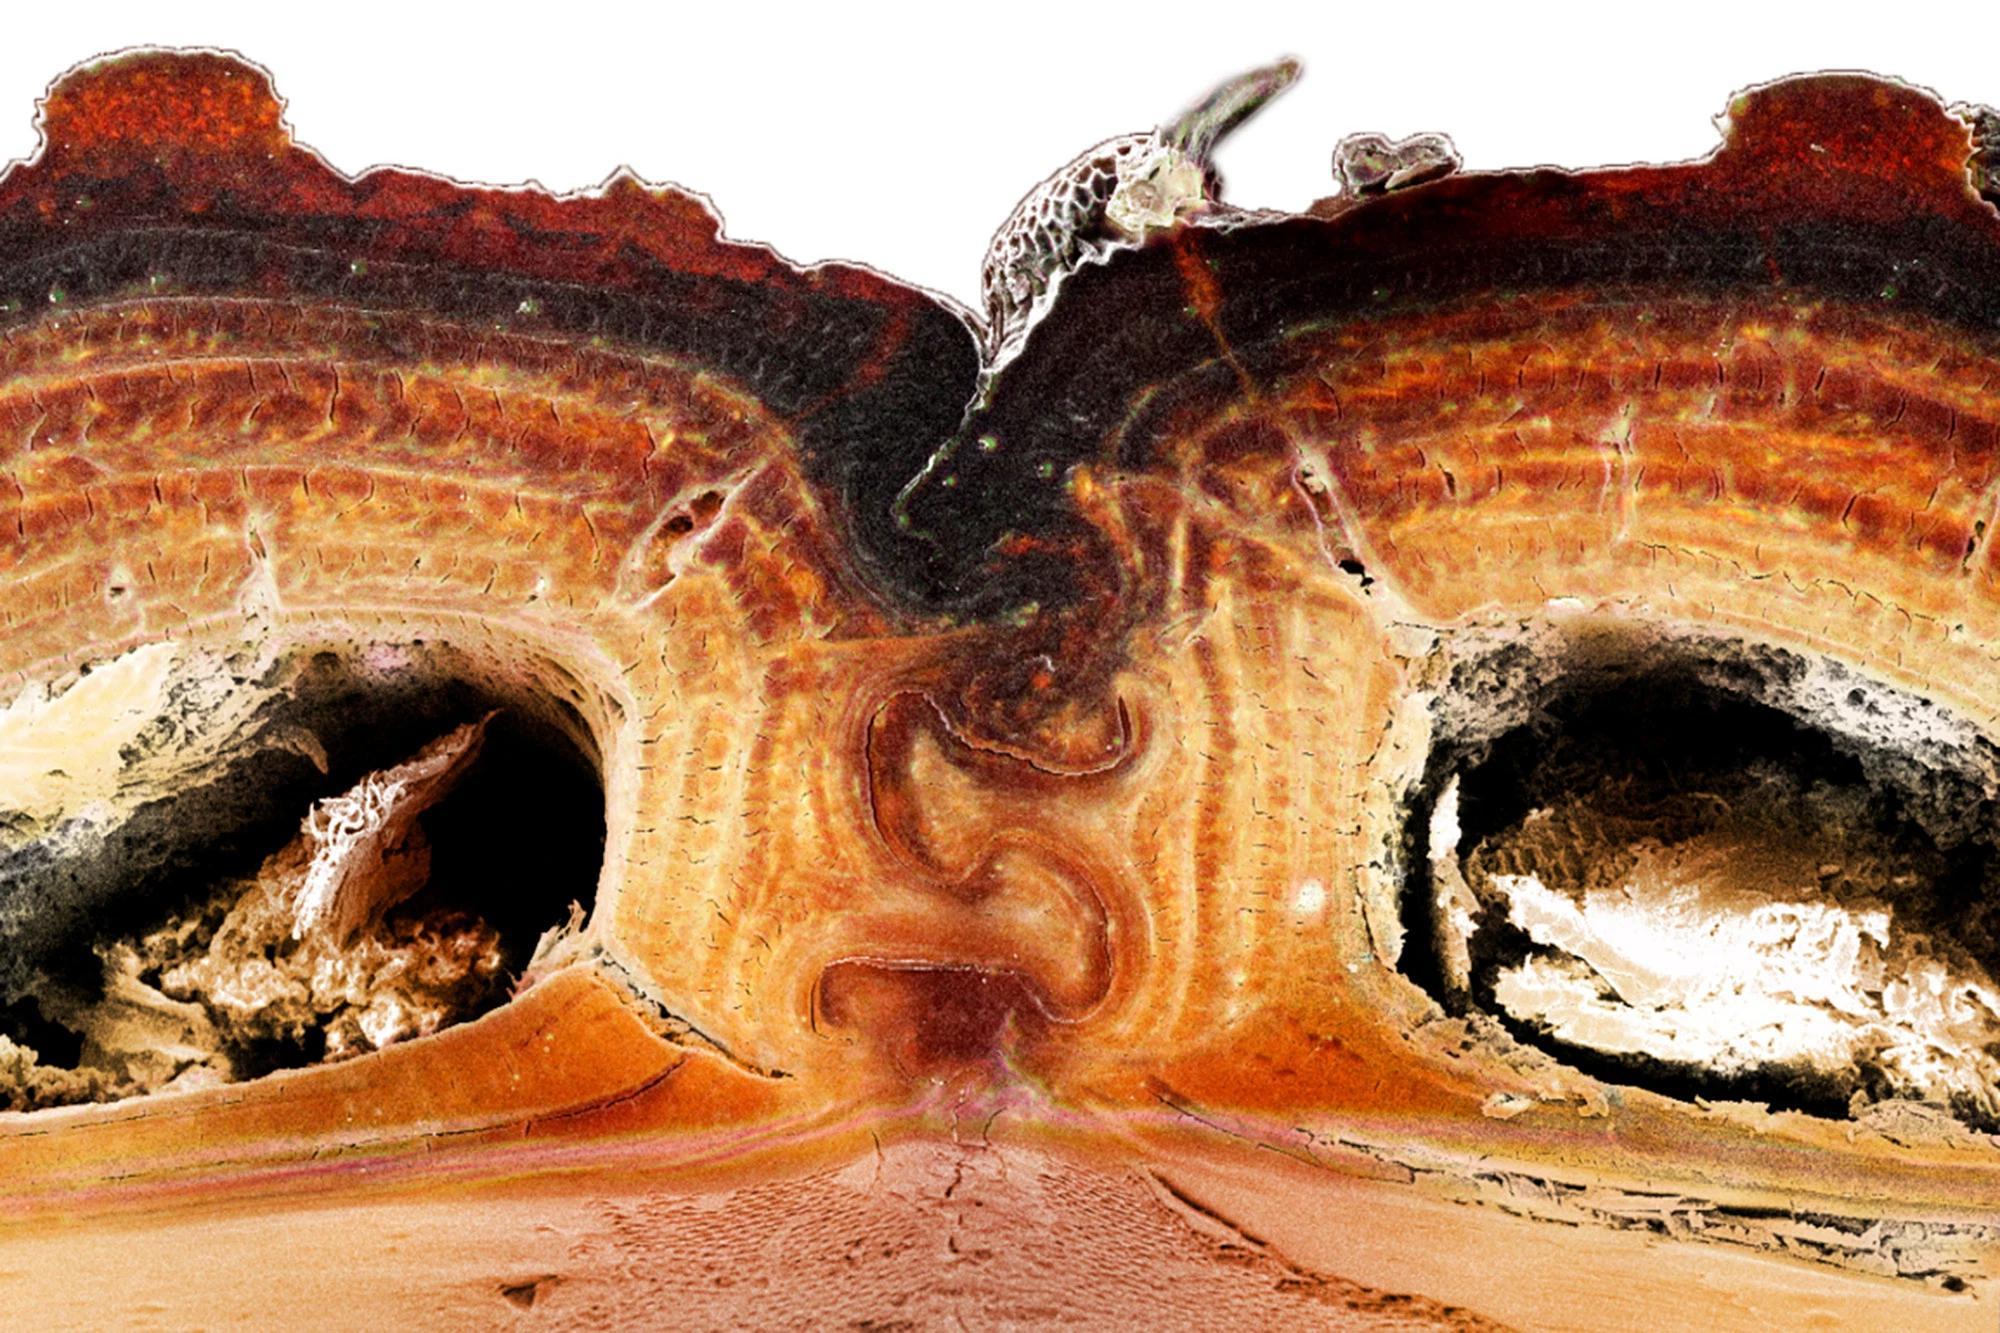 У сверхпрочного жука раскрыли секрет прочности